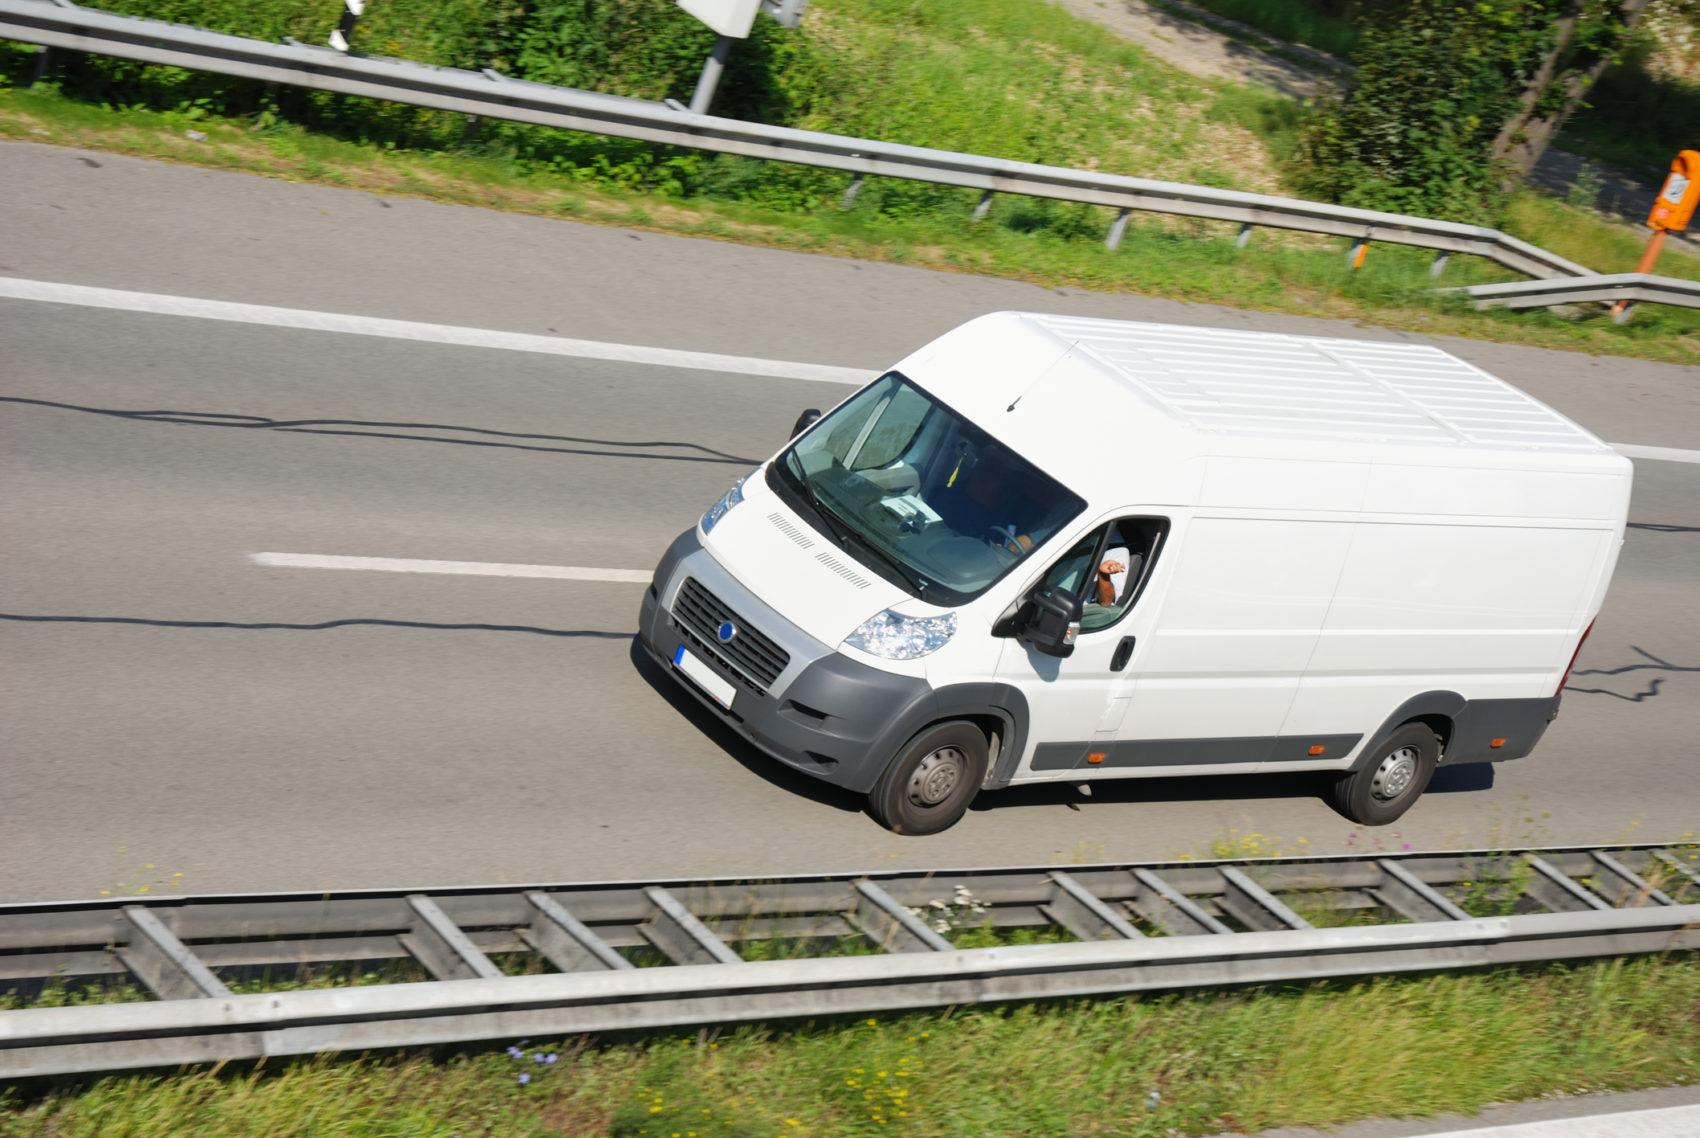 new van image